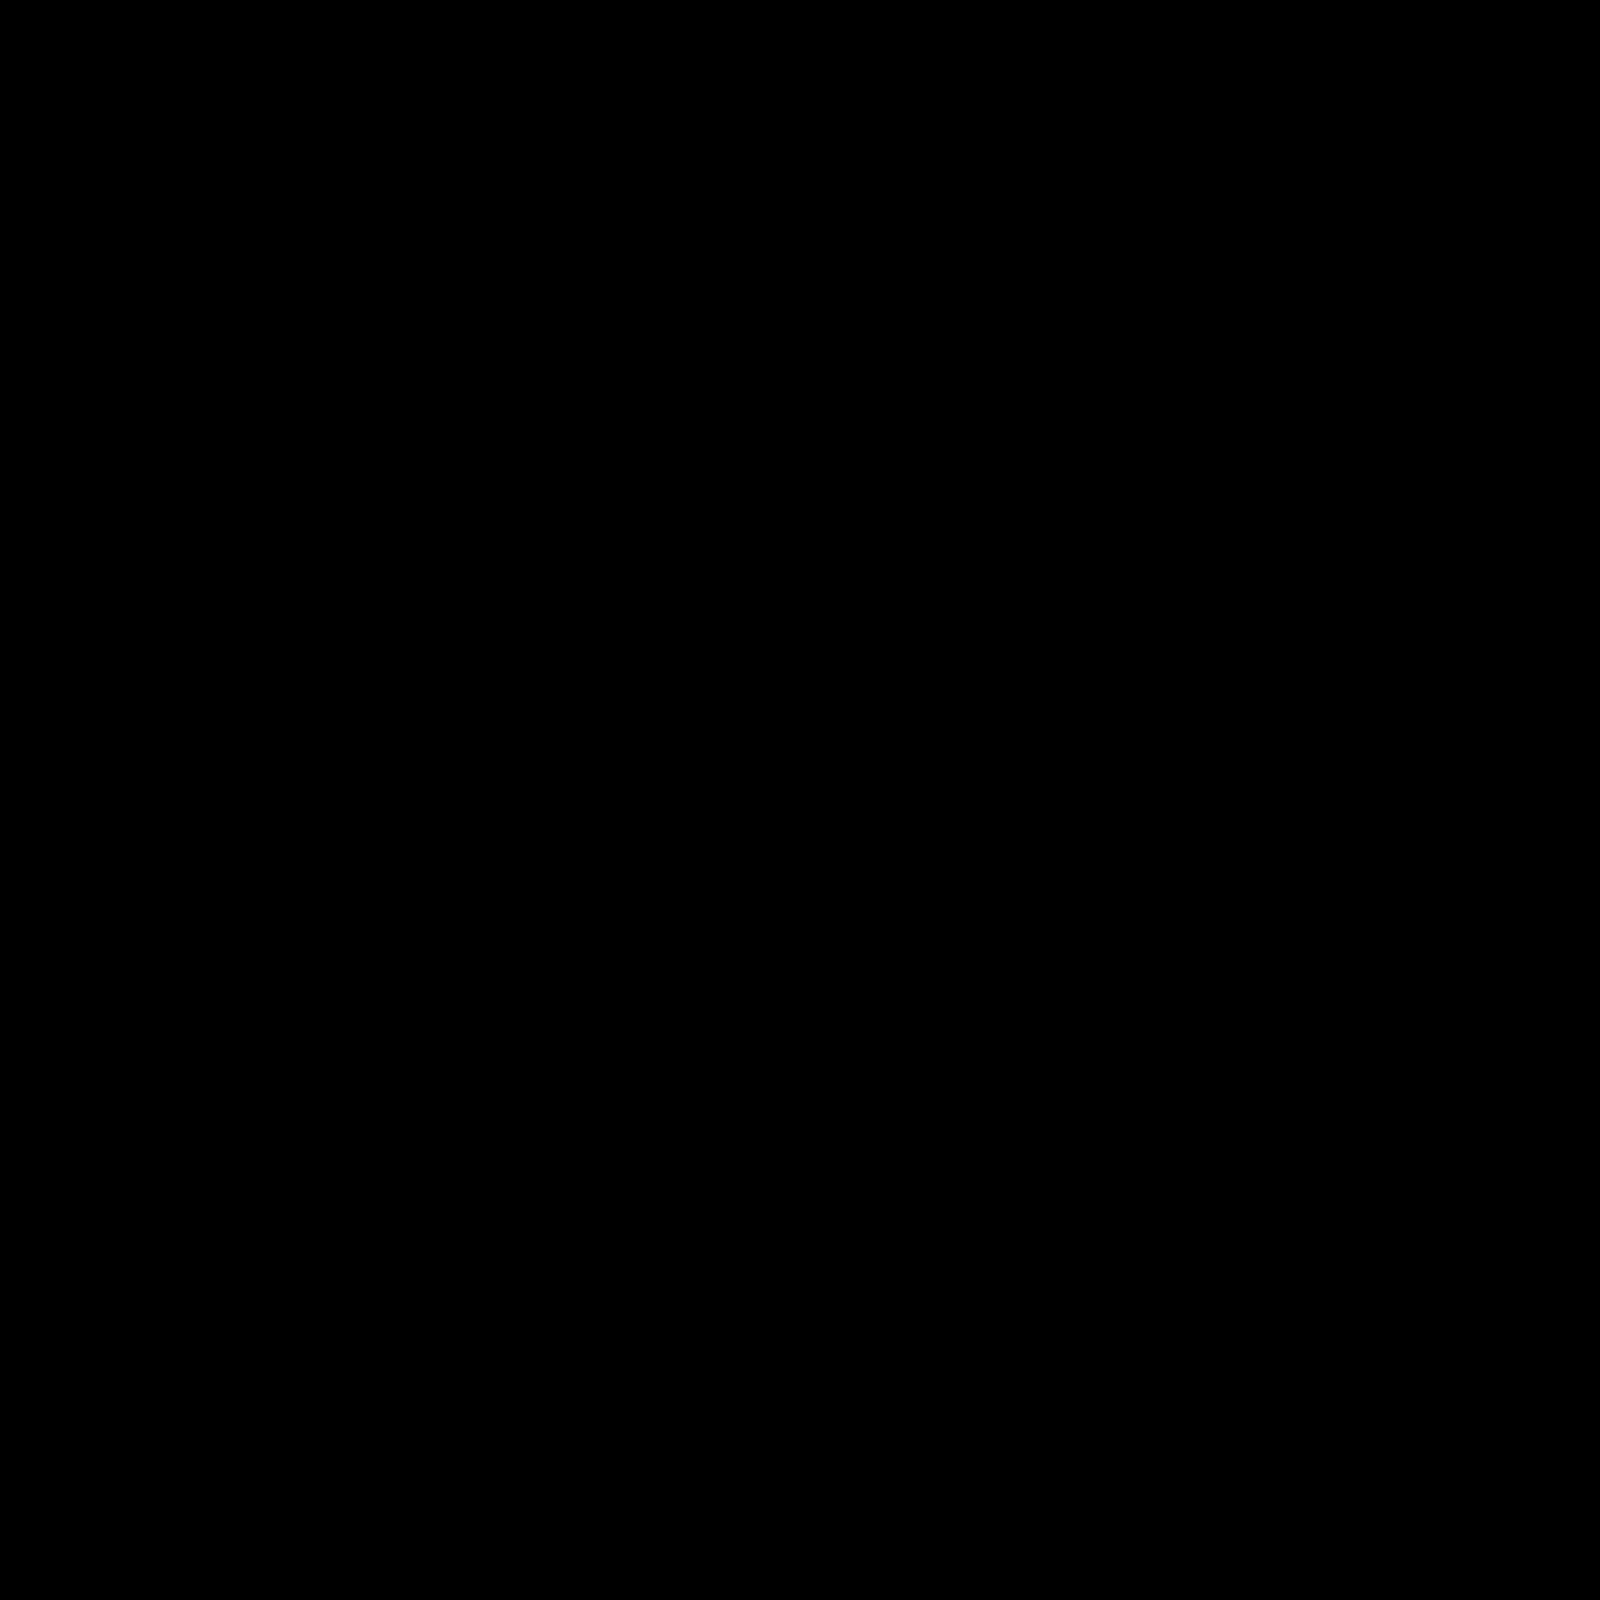 Spawacz icon